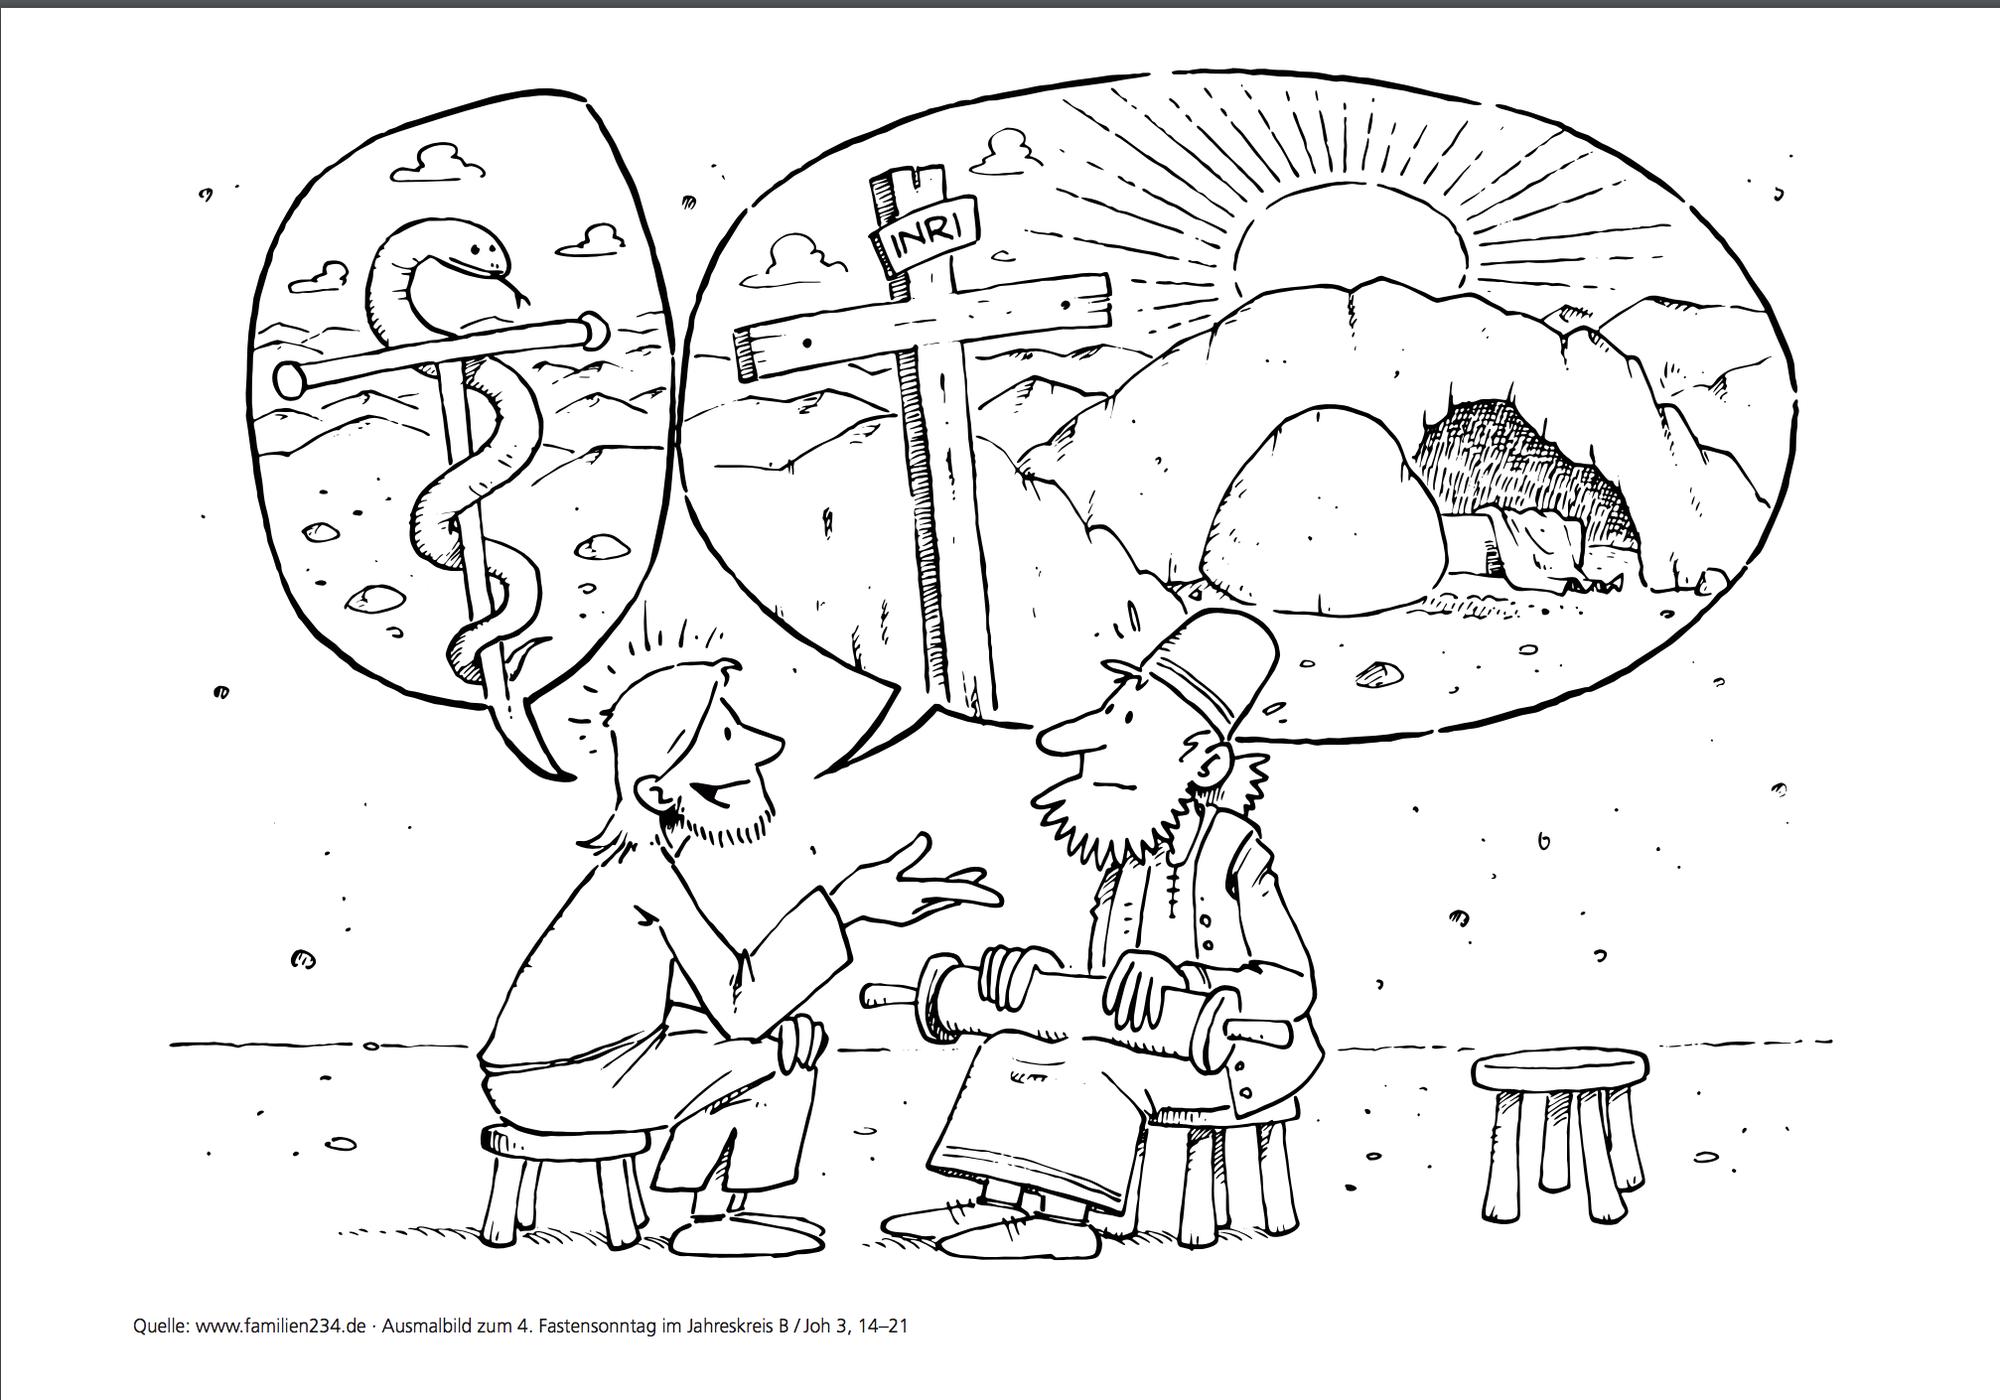 Vierter Fastensonntag - 4ème dimanche de carême